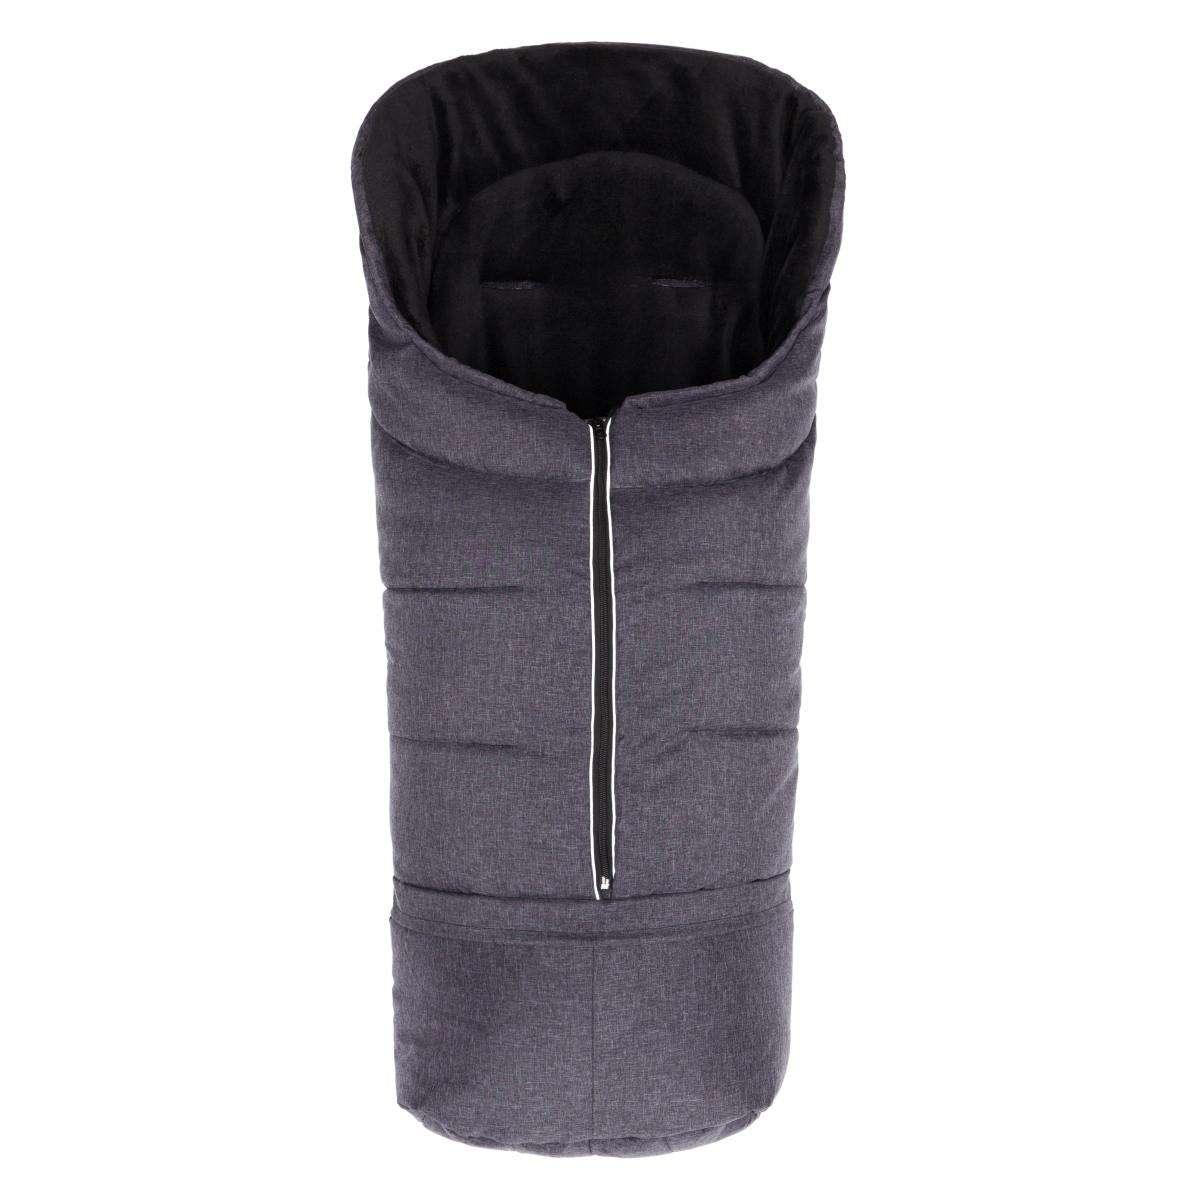 Fillikid Sleeping Bag Mellange Dark Grey Bērnu ziemas siltais guļammaiss 100x45 cm